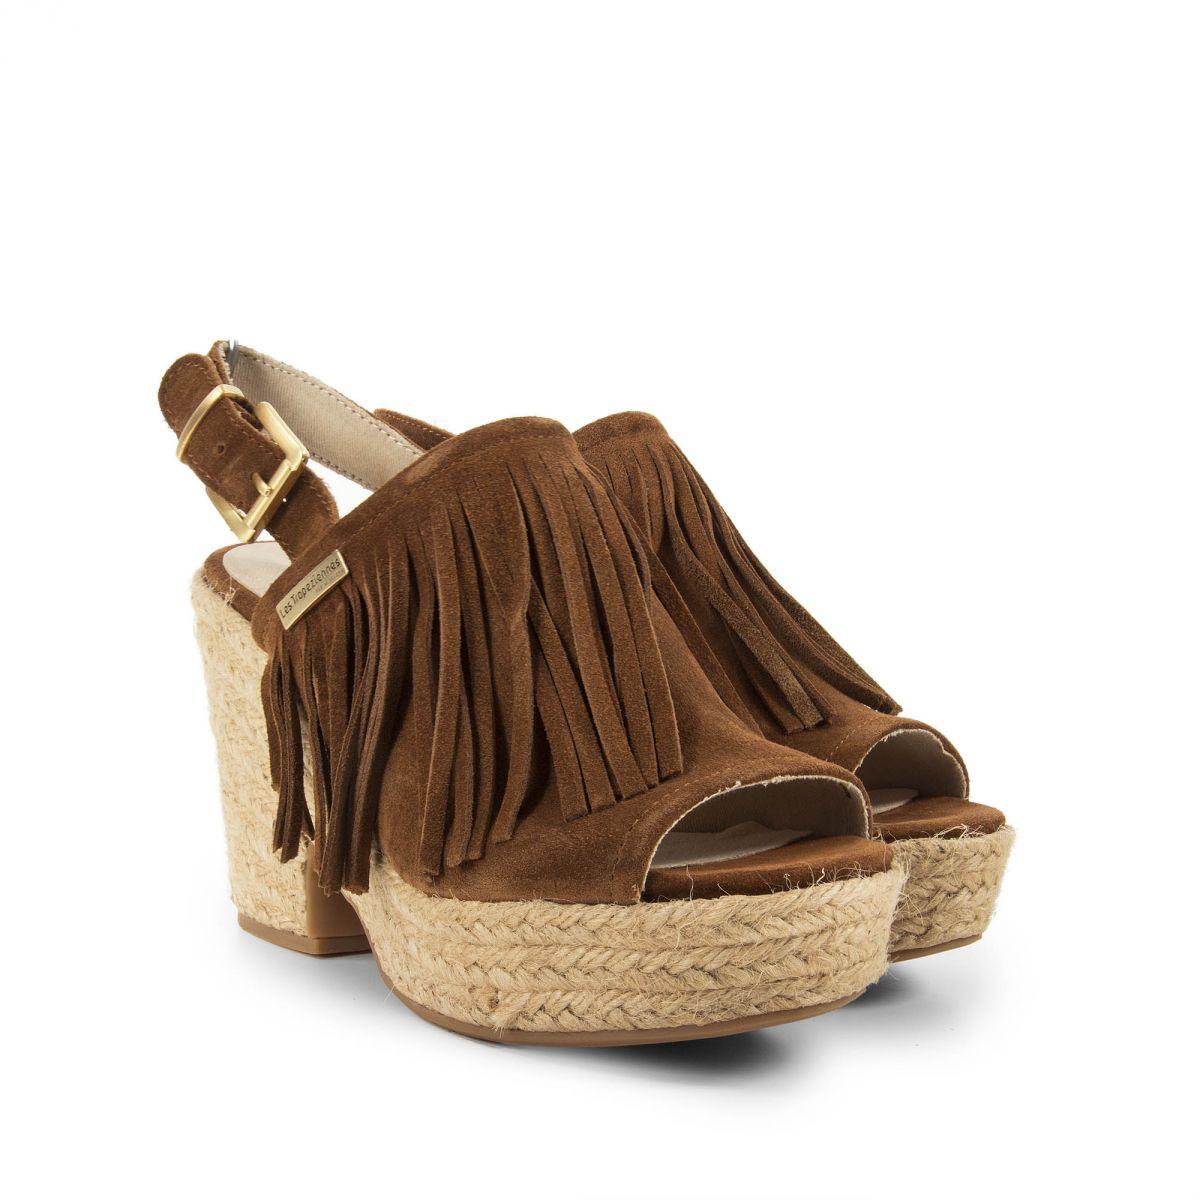 Marques Chaussure femme Les Tropéziennes par M Belarbi femme Corail Cognac